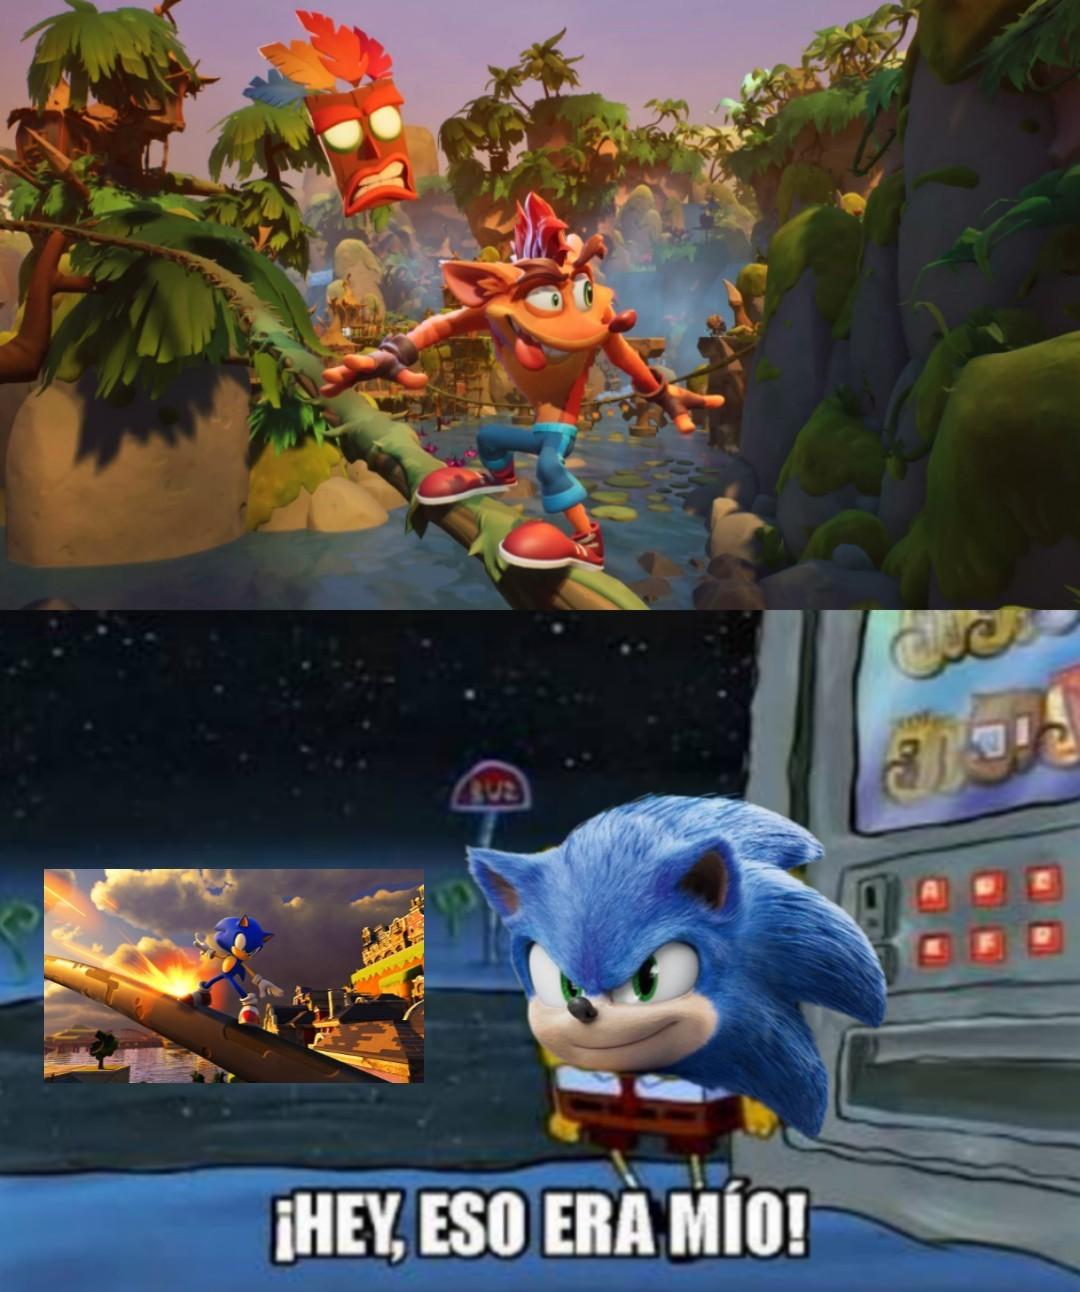 Primero Mario se roba lo de rodar y ahora Crash lo de andar por rieles x'''d - meme